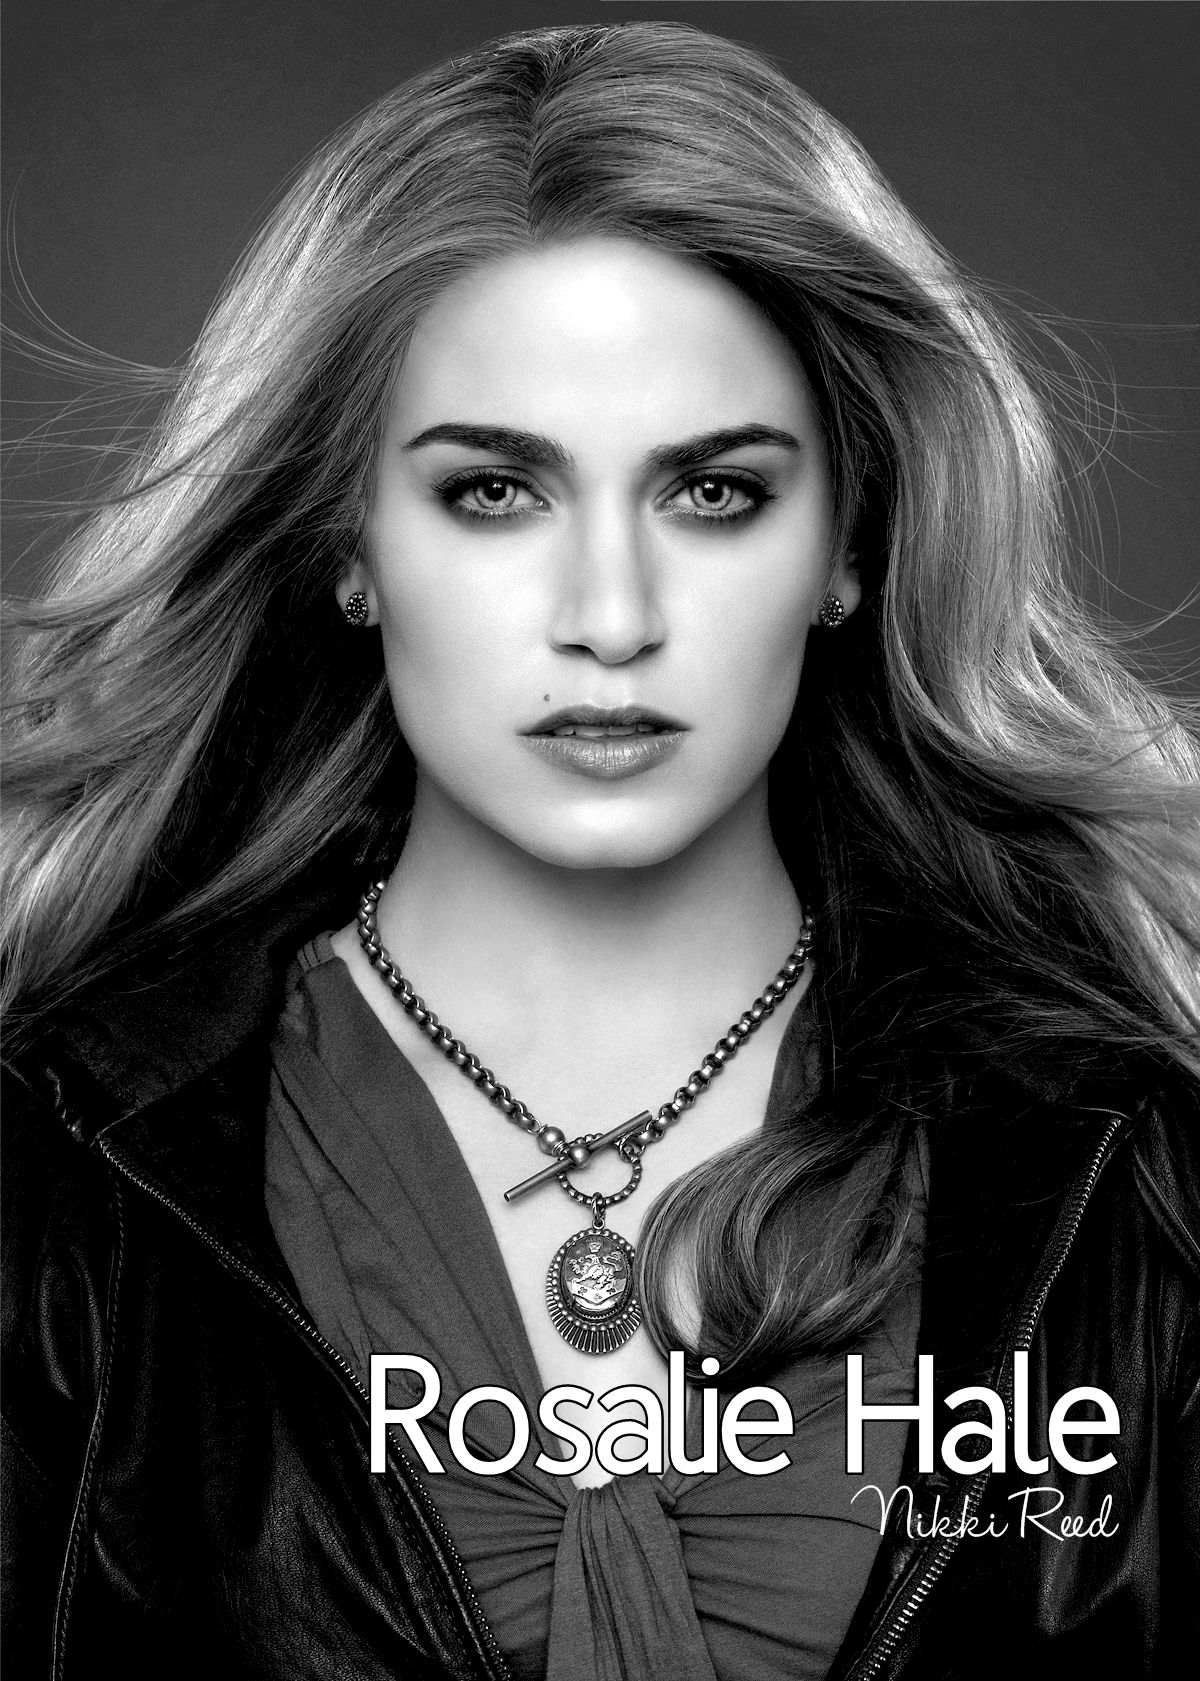 #NikkiReed - #RosalieHale